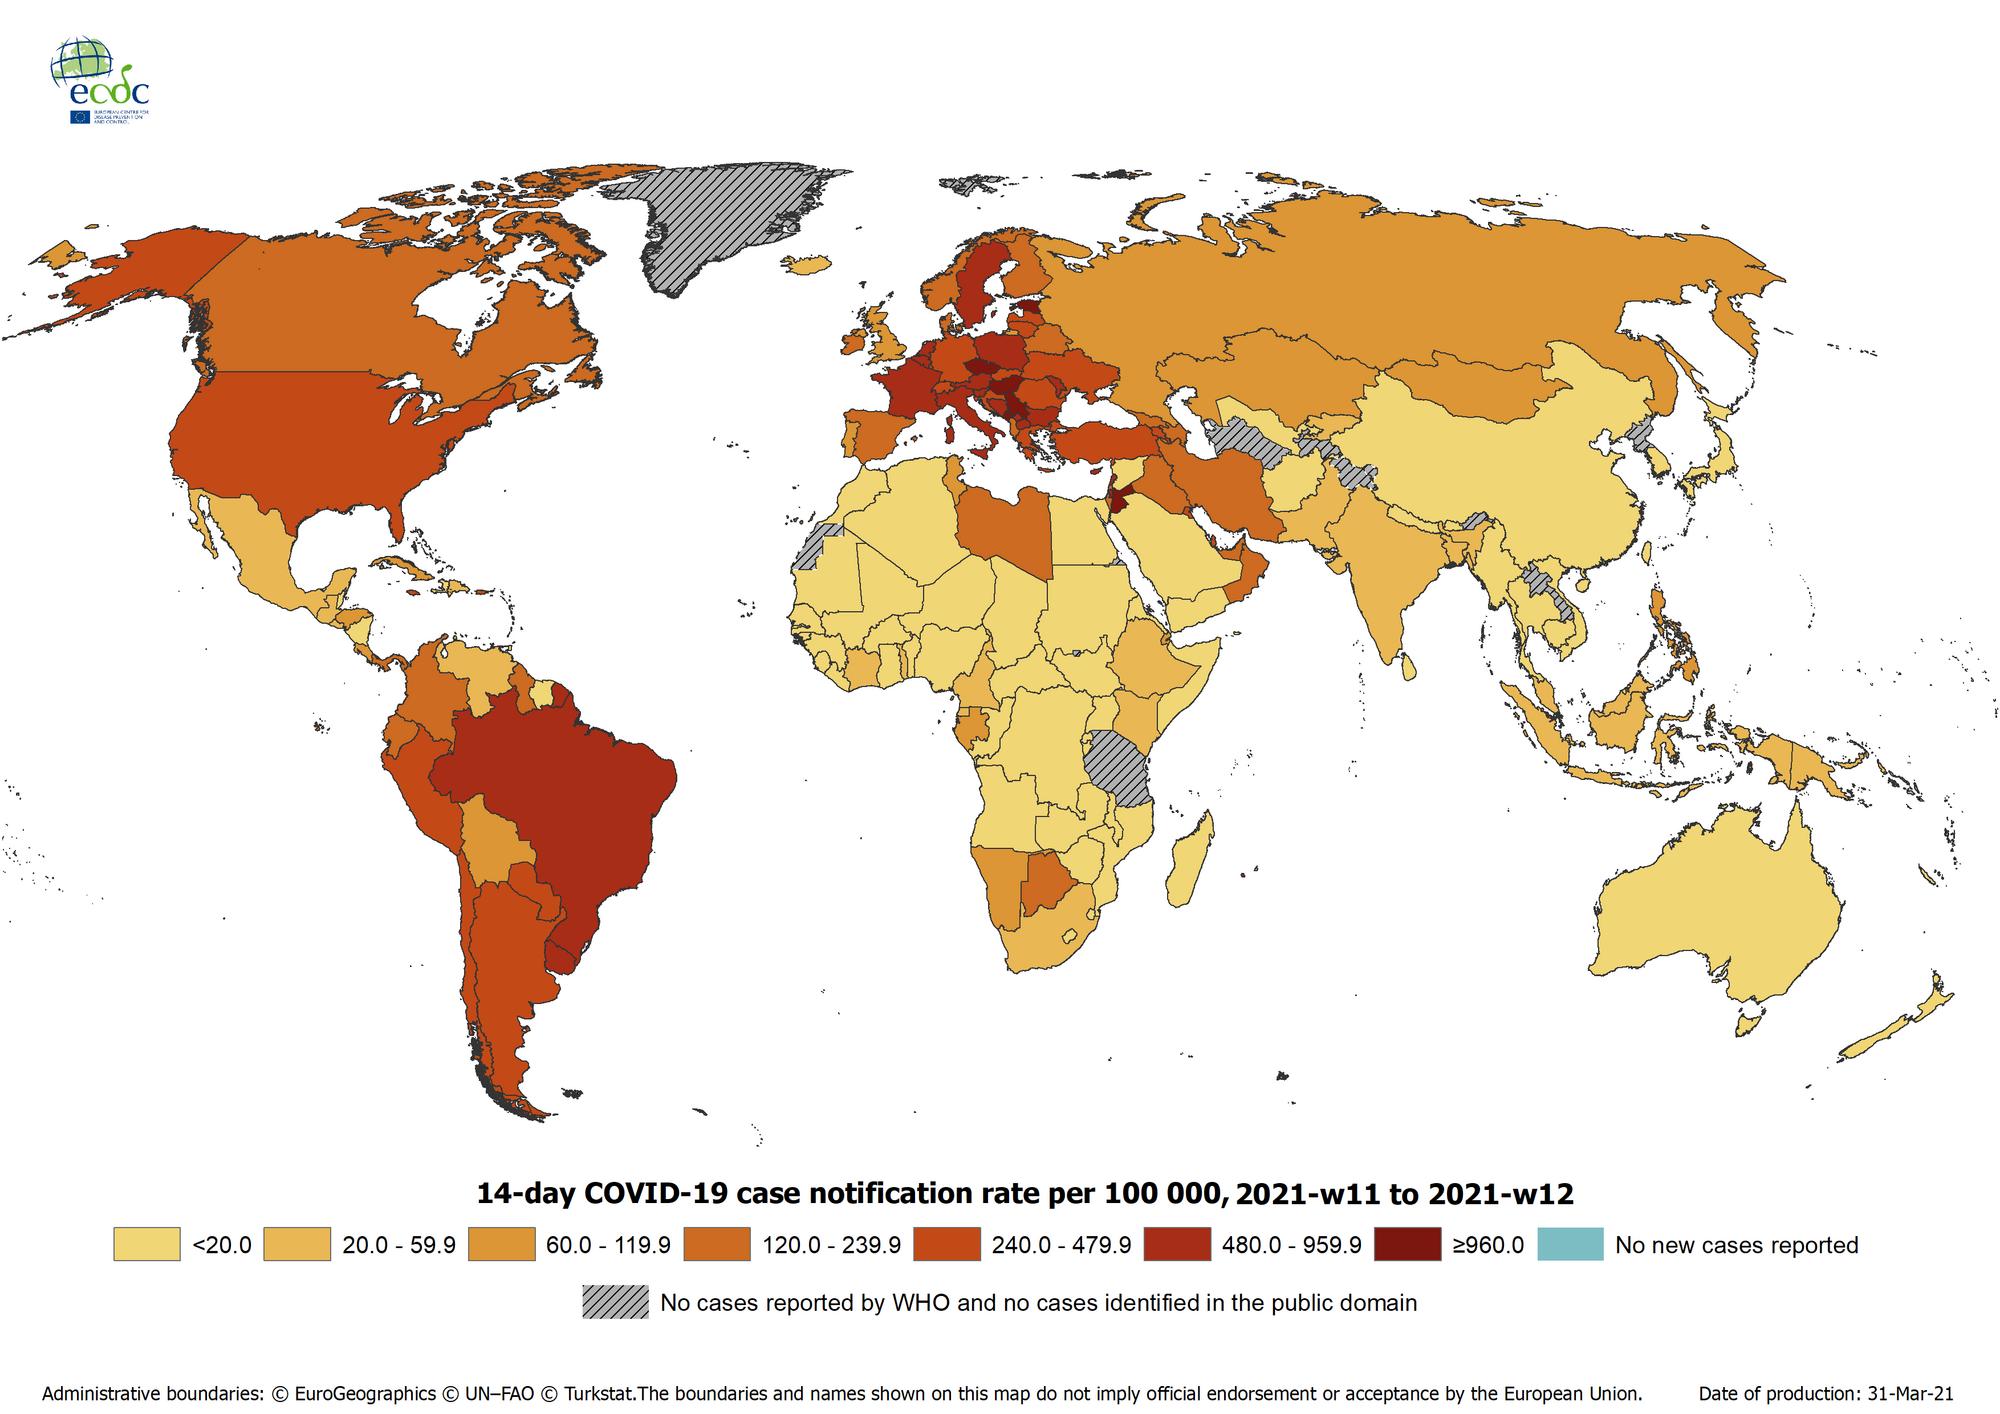 ECDC-Weltkarte: COVID-19 14-Tage-Inzidenz